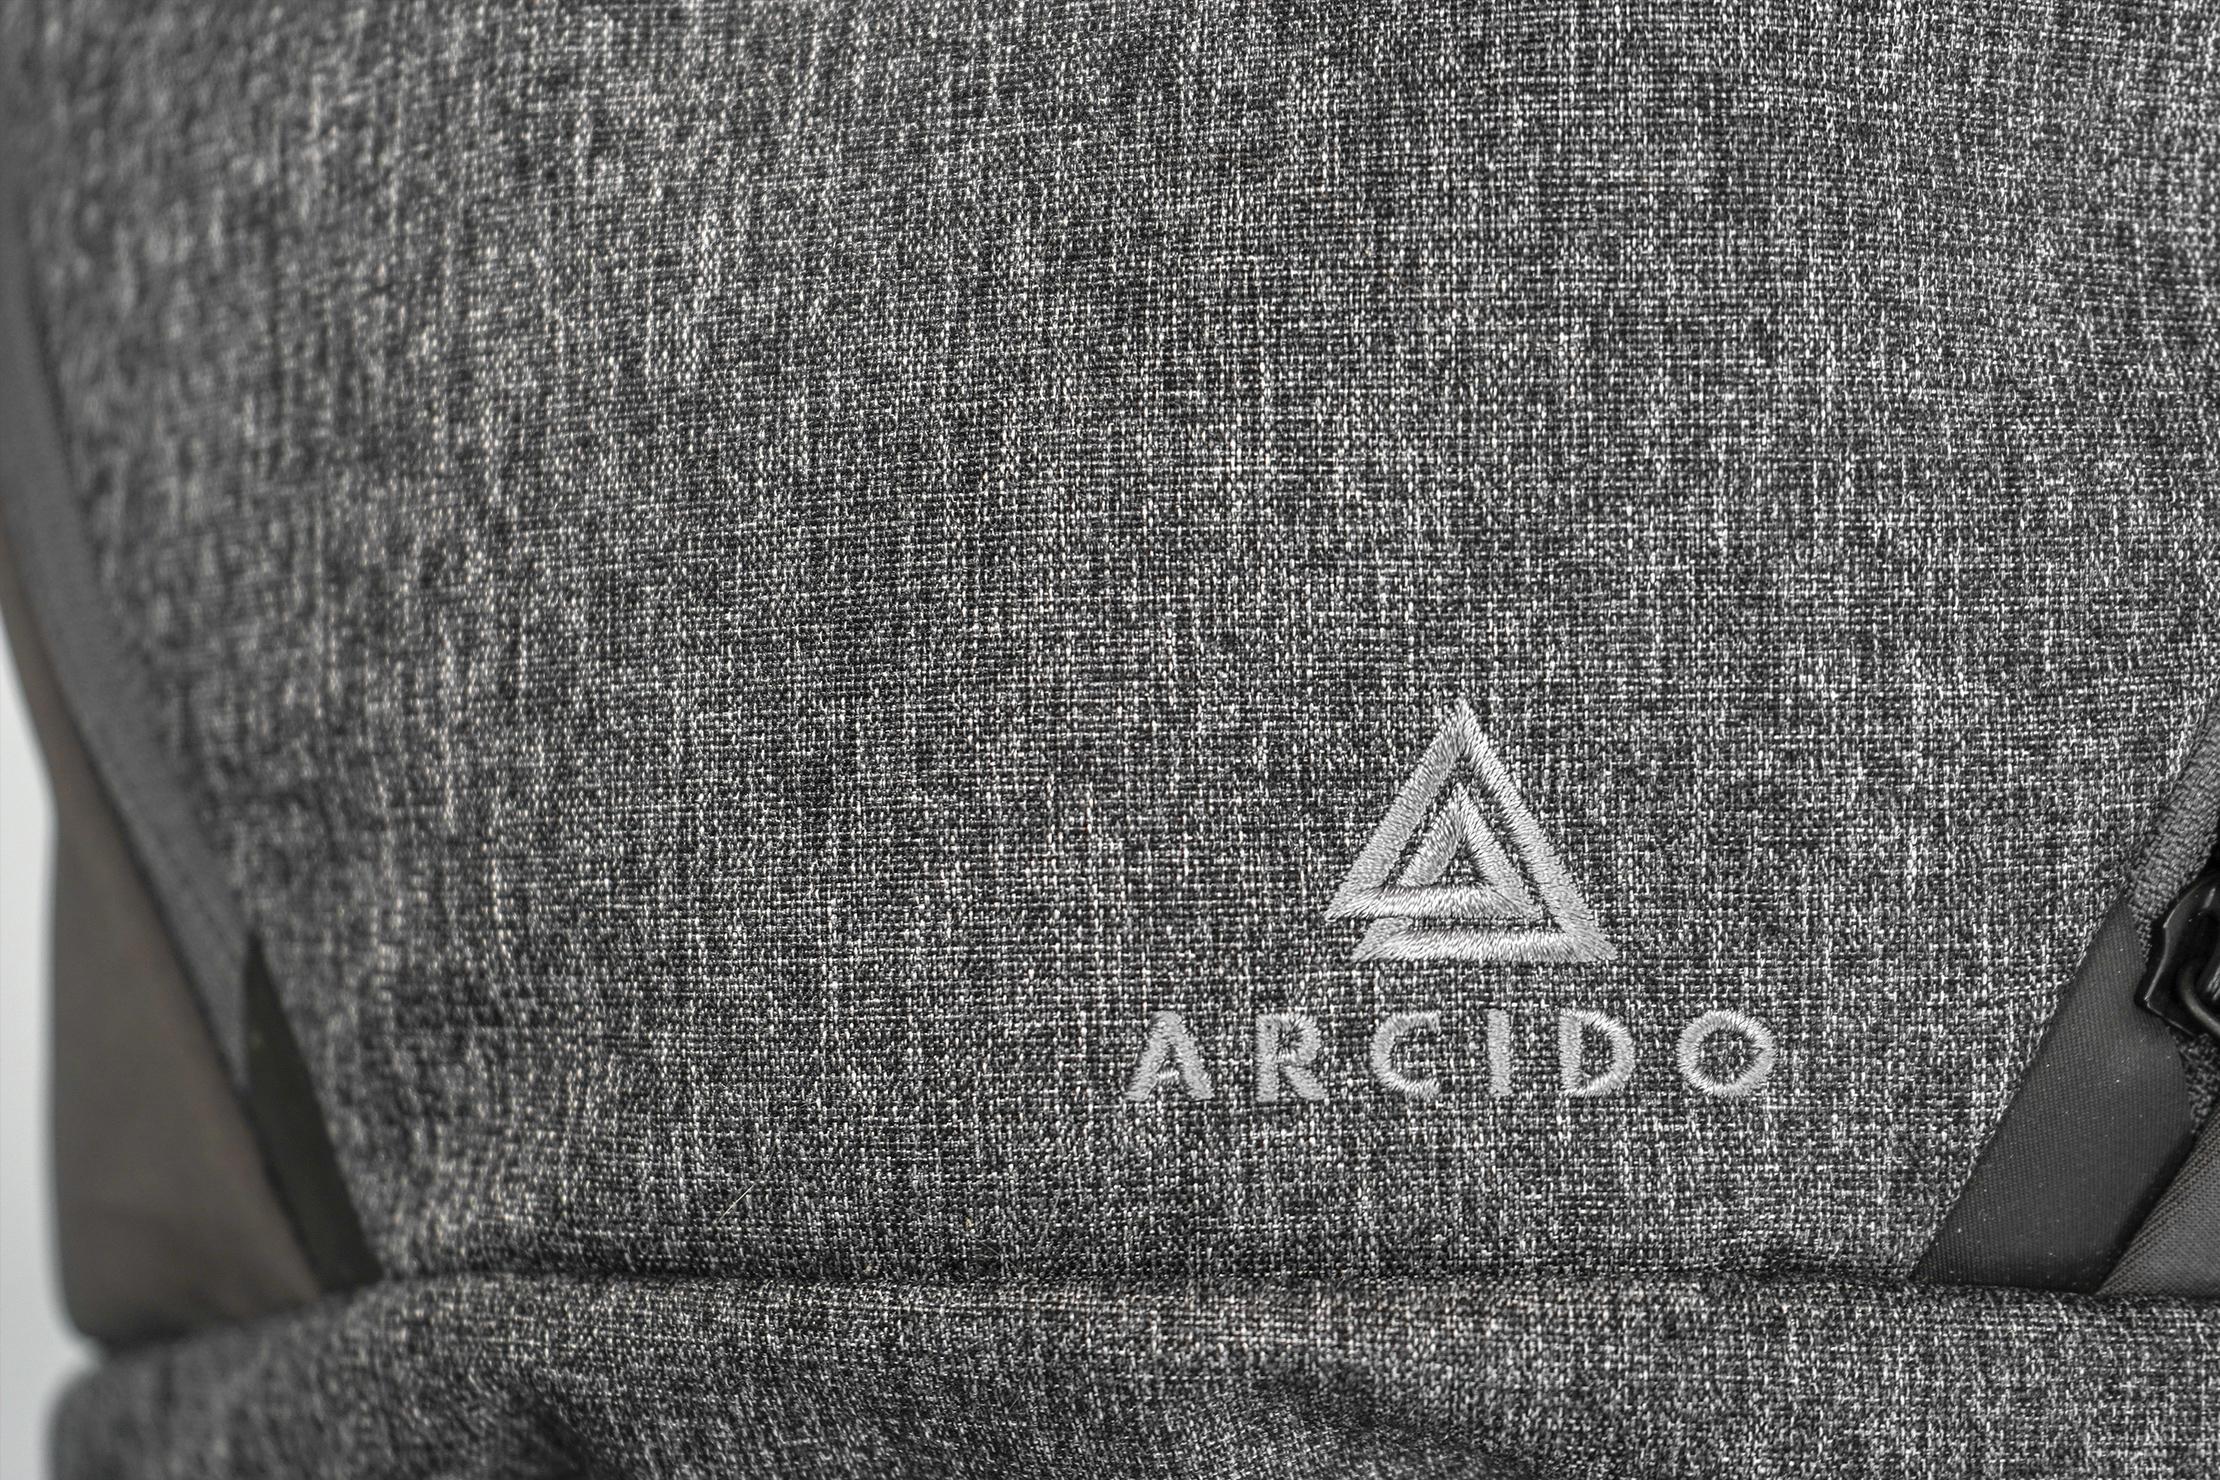 Arcido Vaga Front Logo